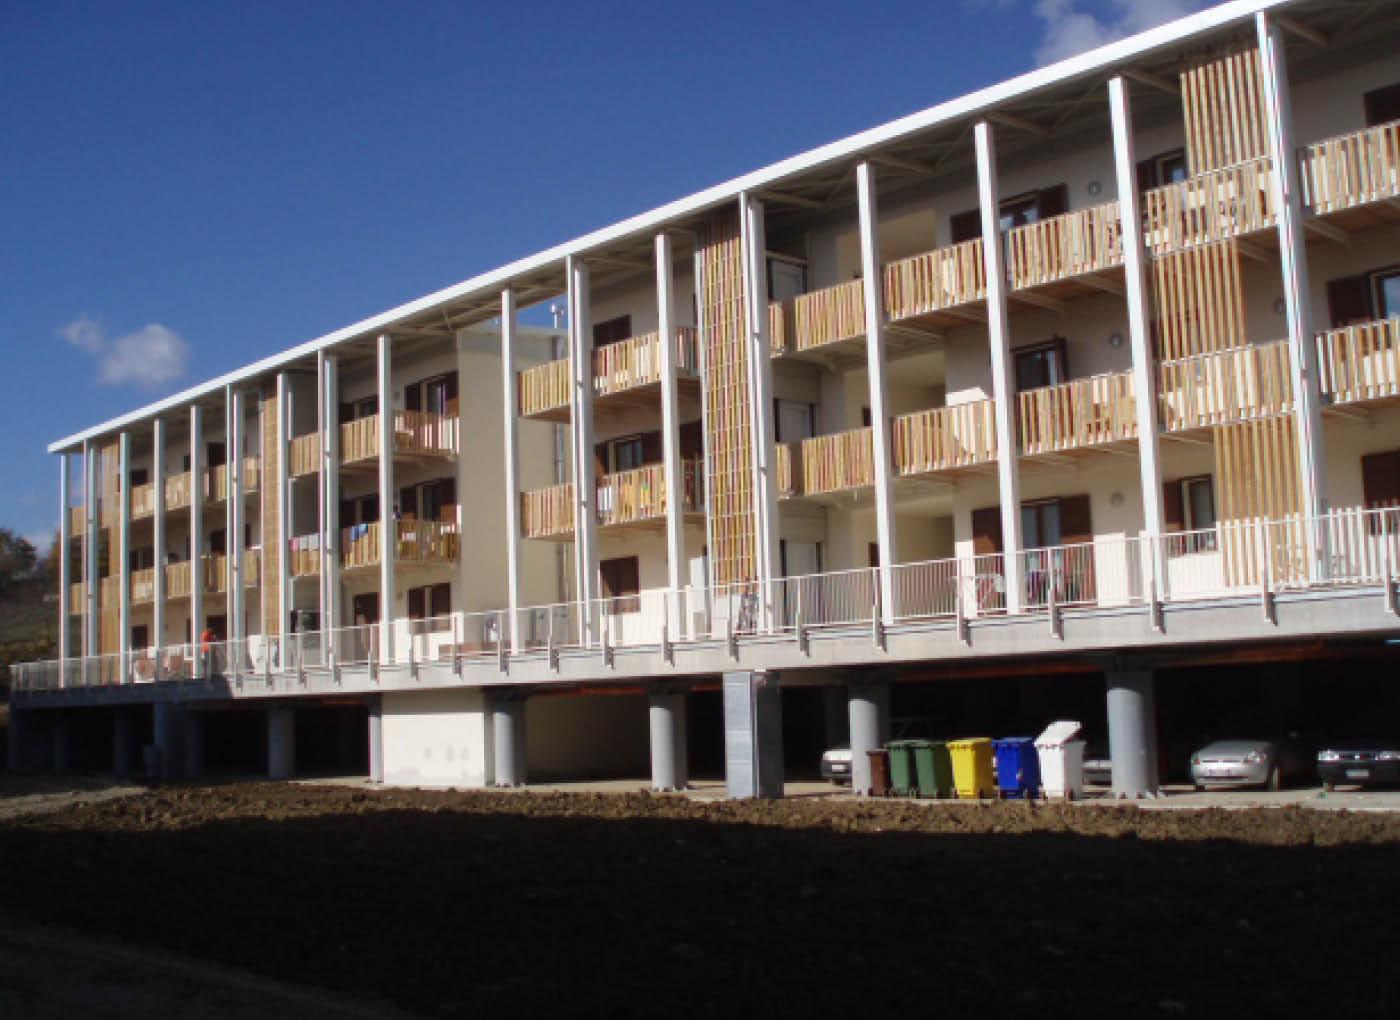 Nuove abitazioni antisismiche, L'Aquila